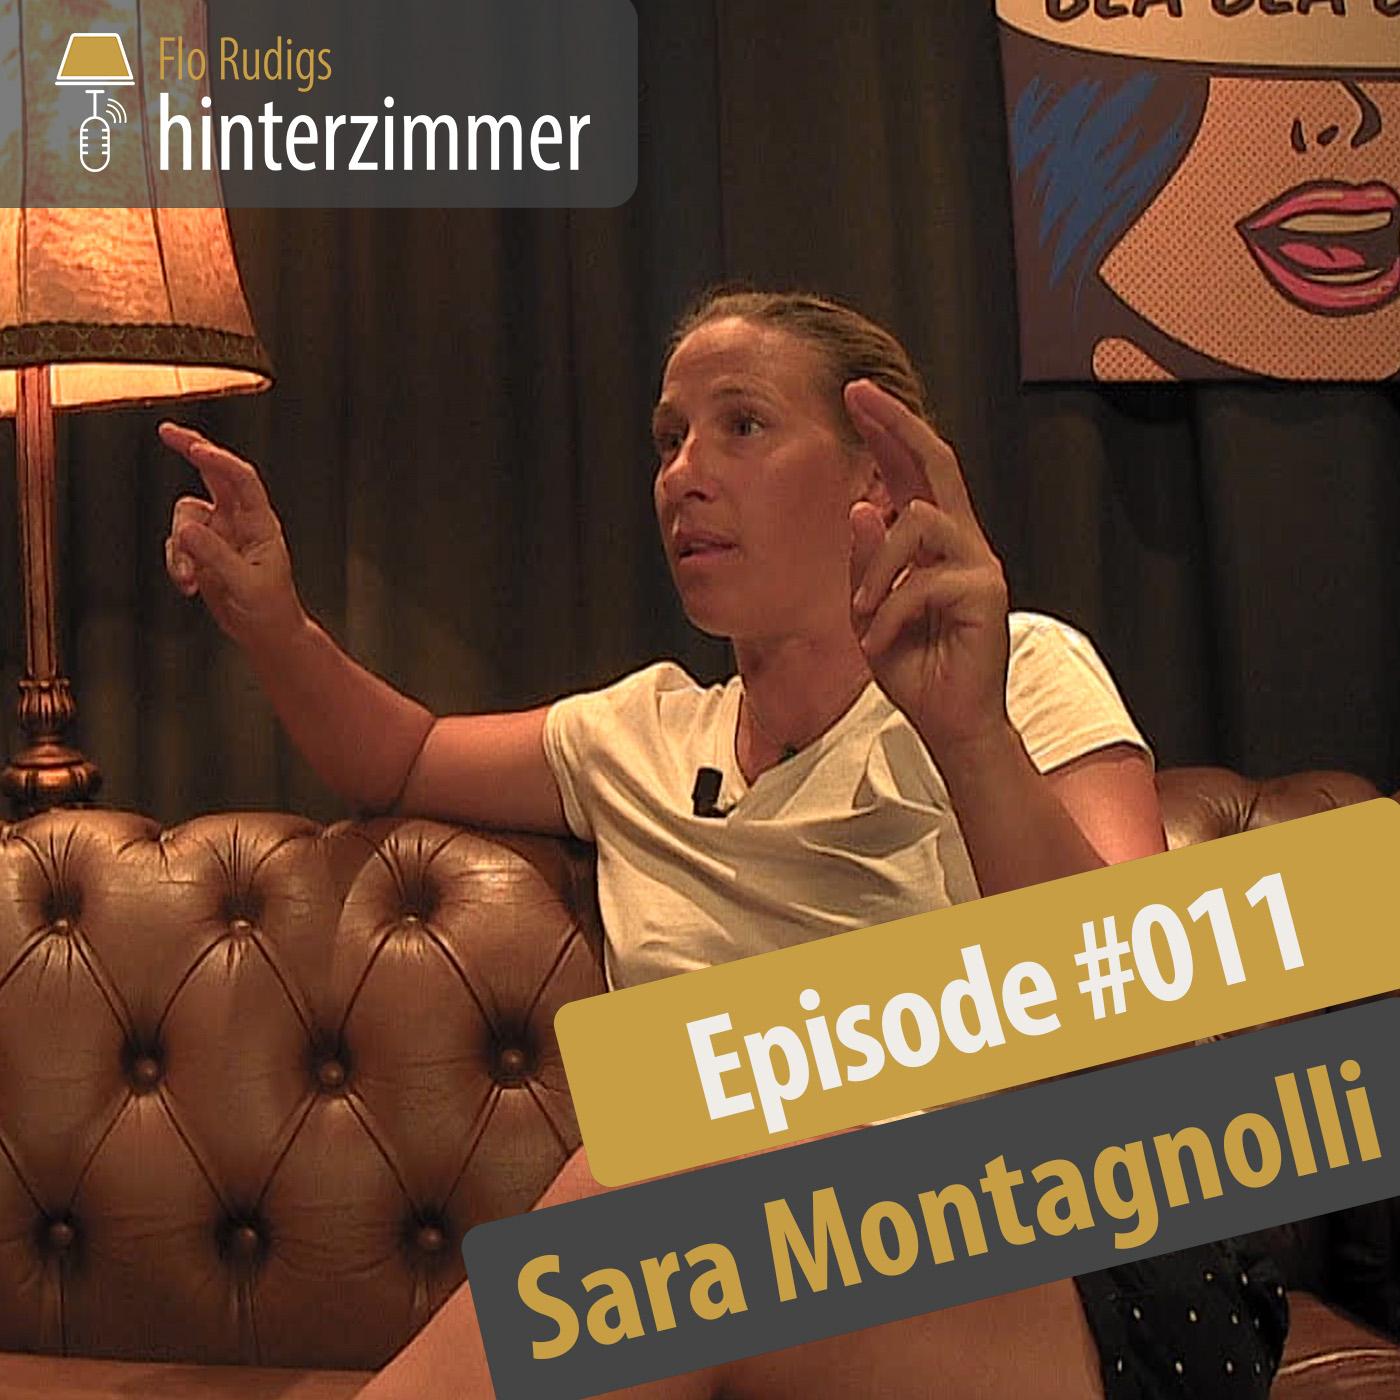 #011 Sara Montagnolli: Erste gleichgeschlechtliche Ehe